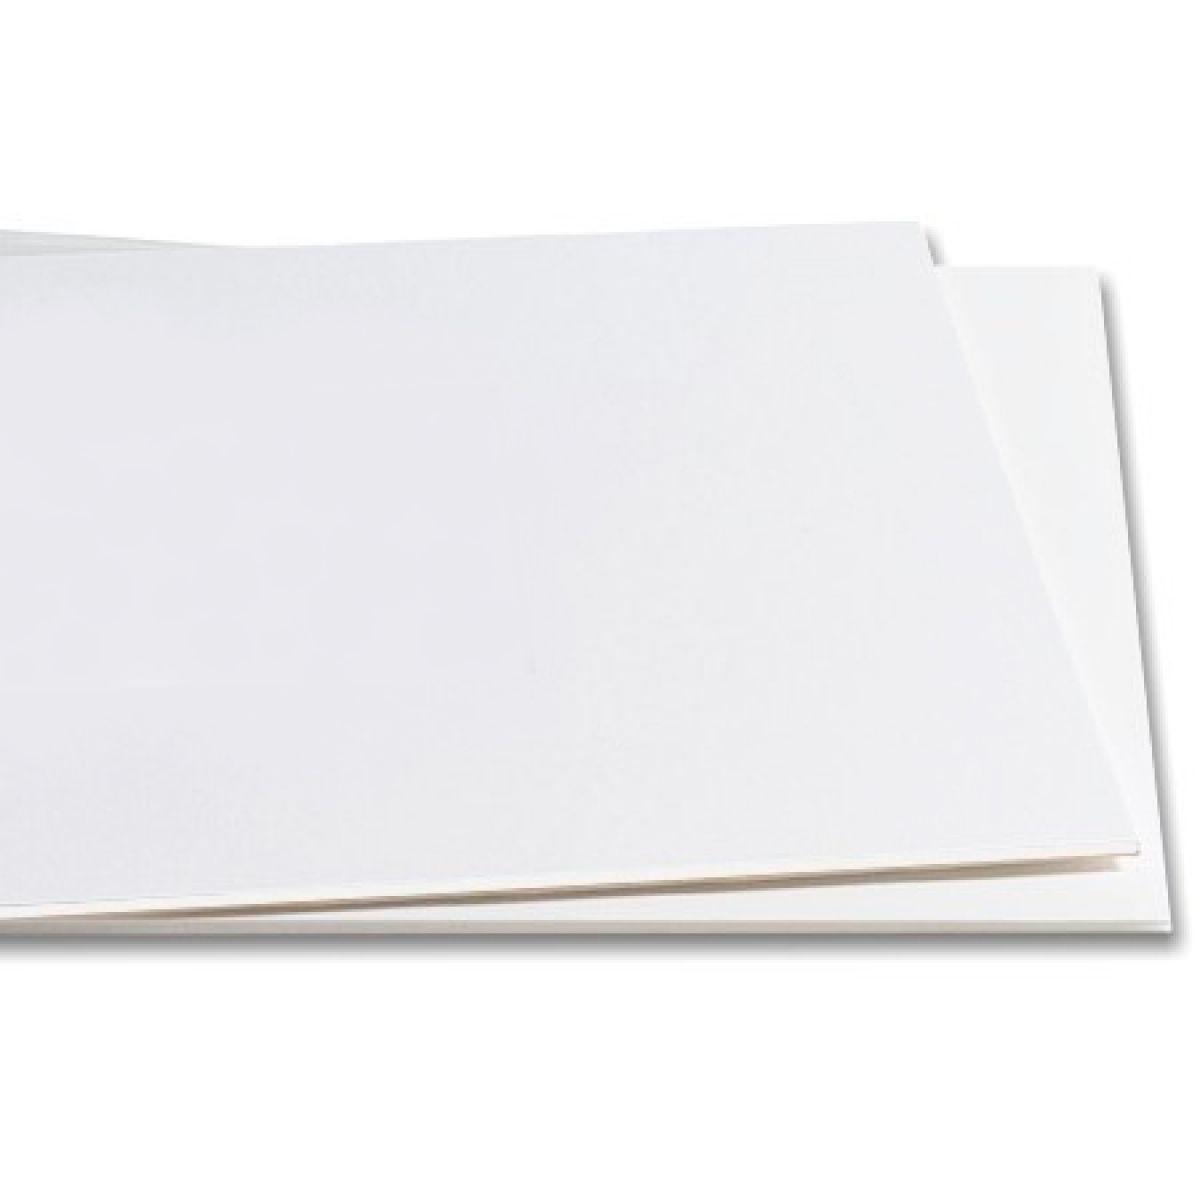 Papel Couche Brilho 300g A4 Embalagem Com 050 Folhas Phandora